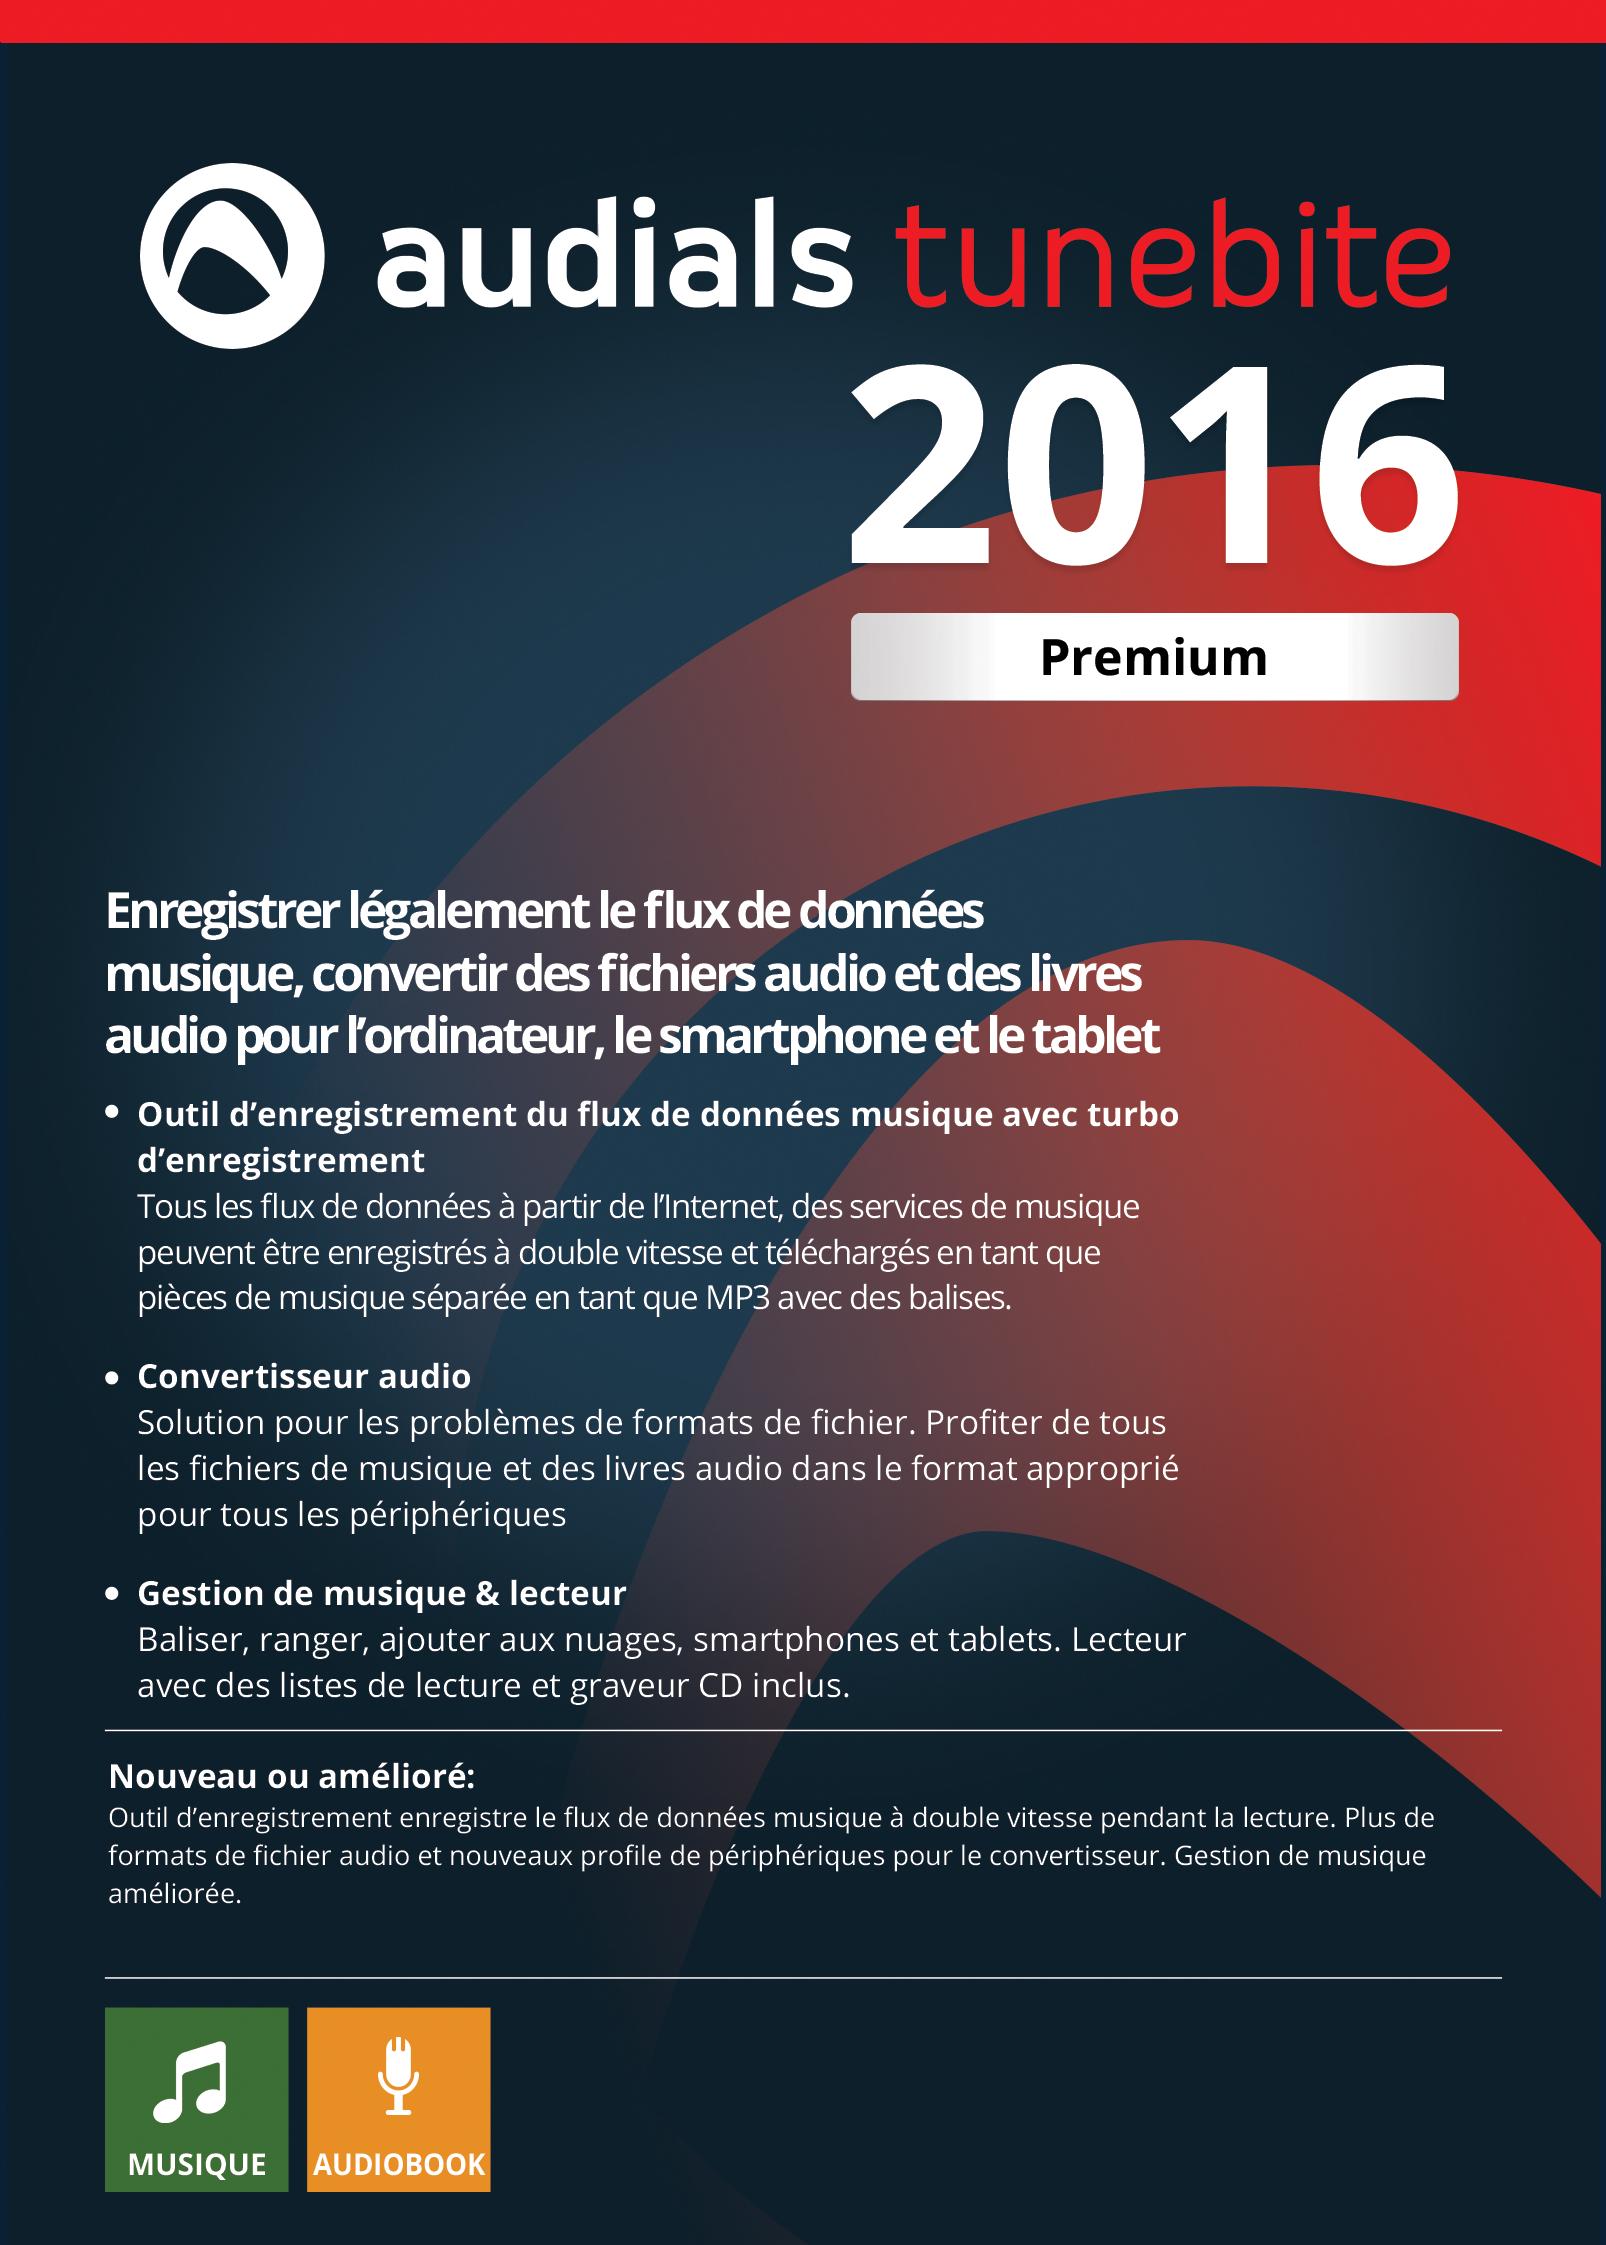 audials-tunebite-2016-premium-loutil-moins-cher-pour-enregistrer-le-flux-de-donnee-de-musique-avec-c